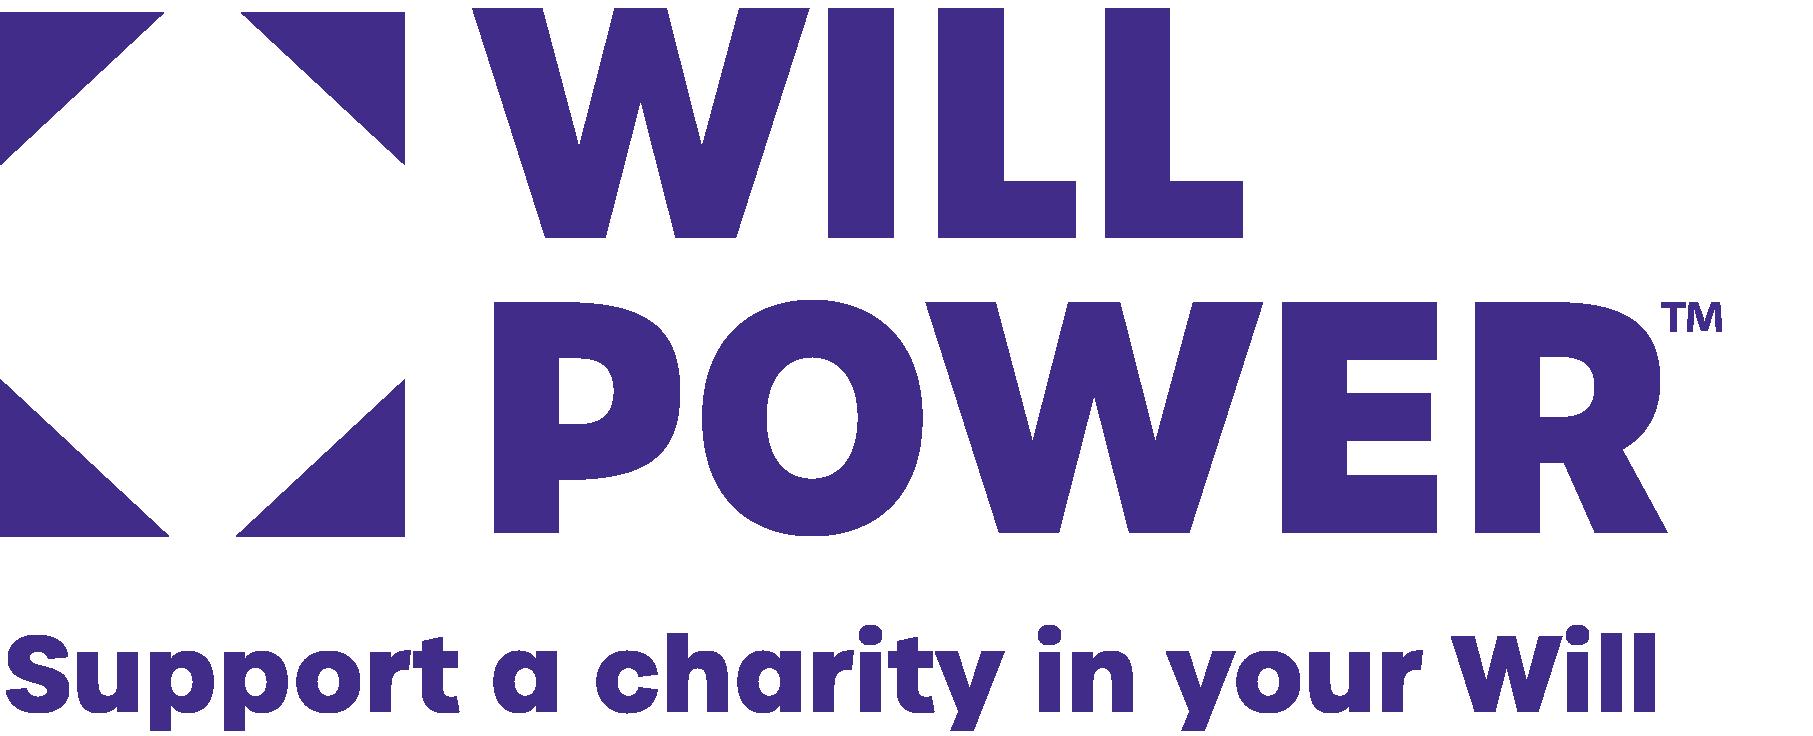 Will Power Campaign Logo Purple